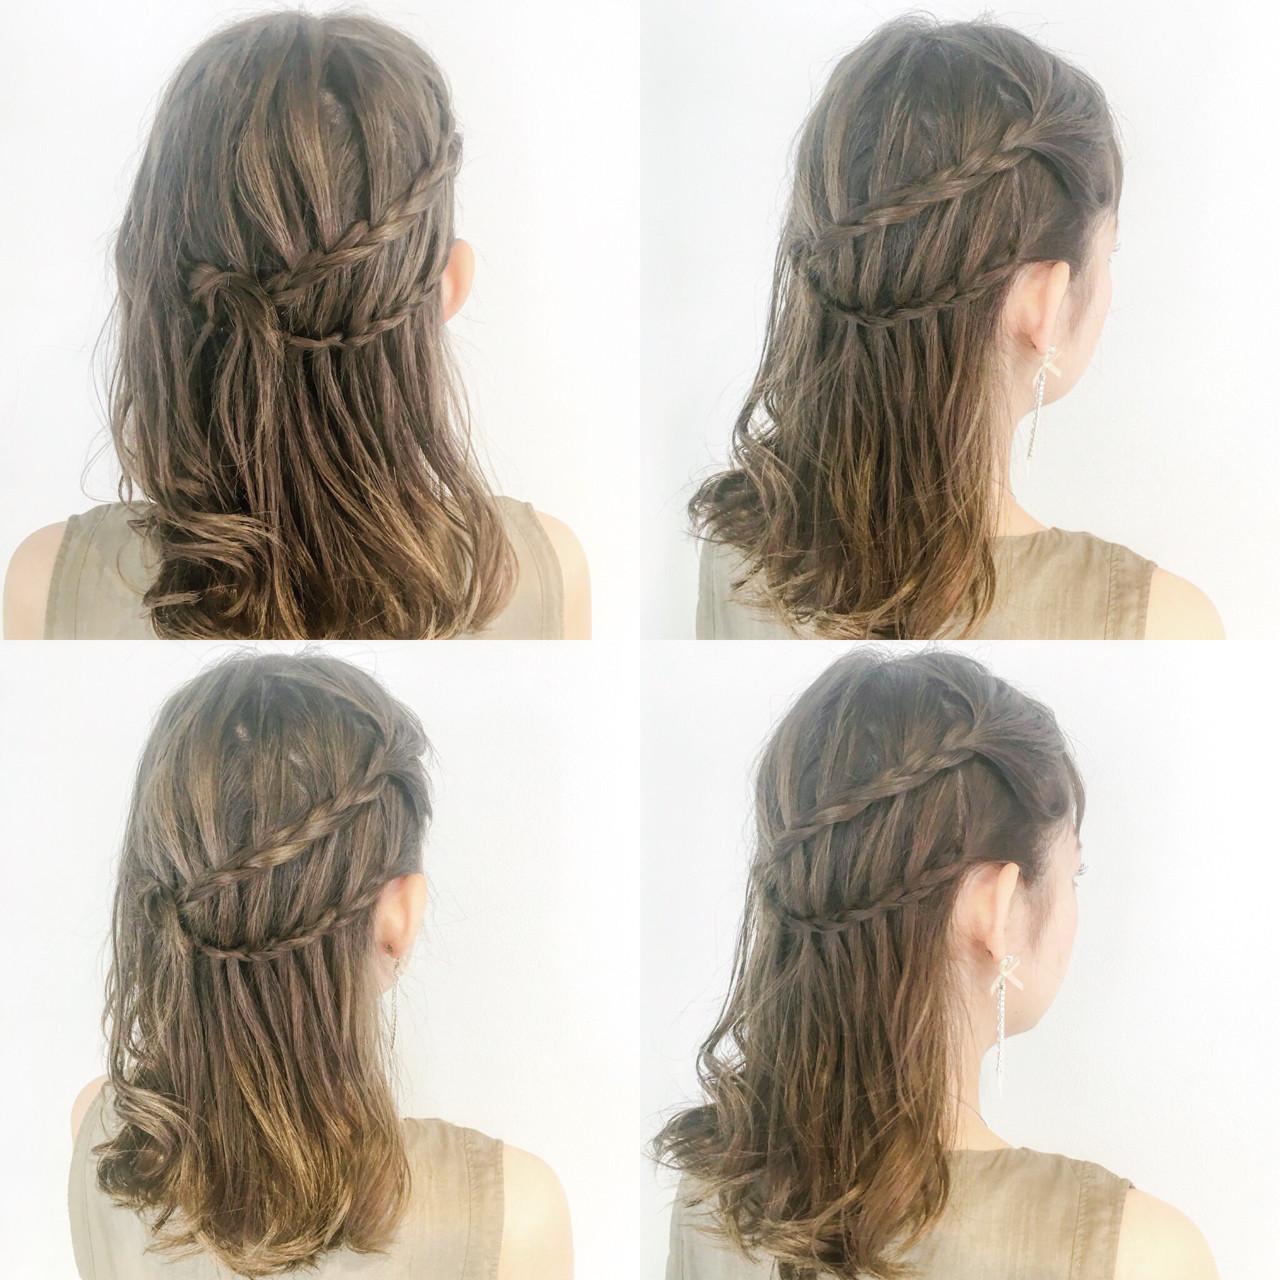 デート セミロング 女子会 フェミニン ヘアスタイルや髪型の写真・画像